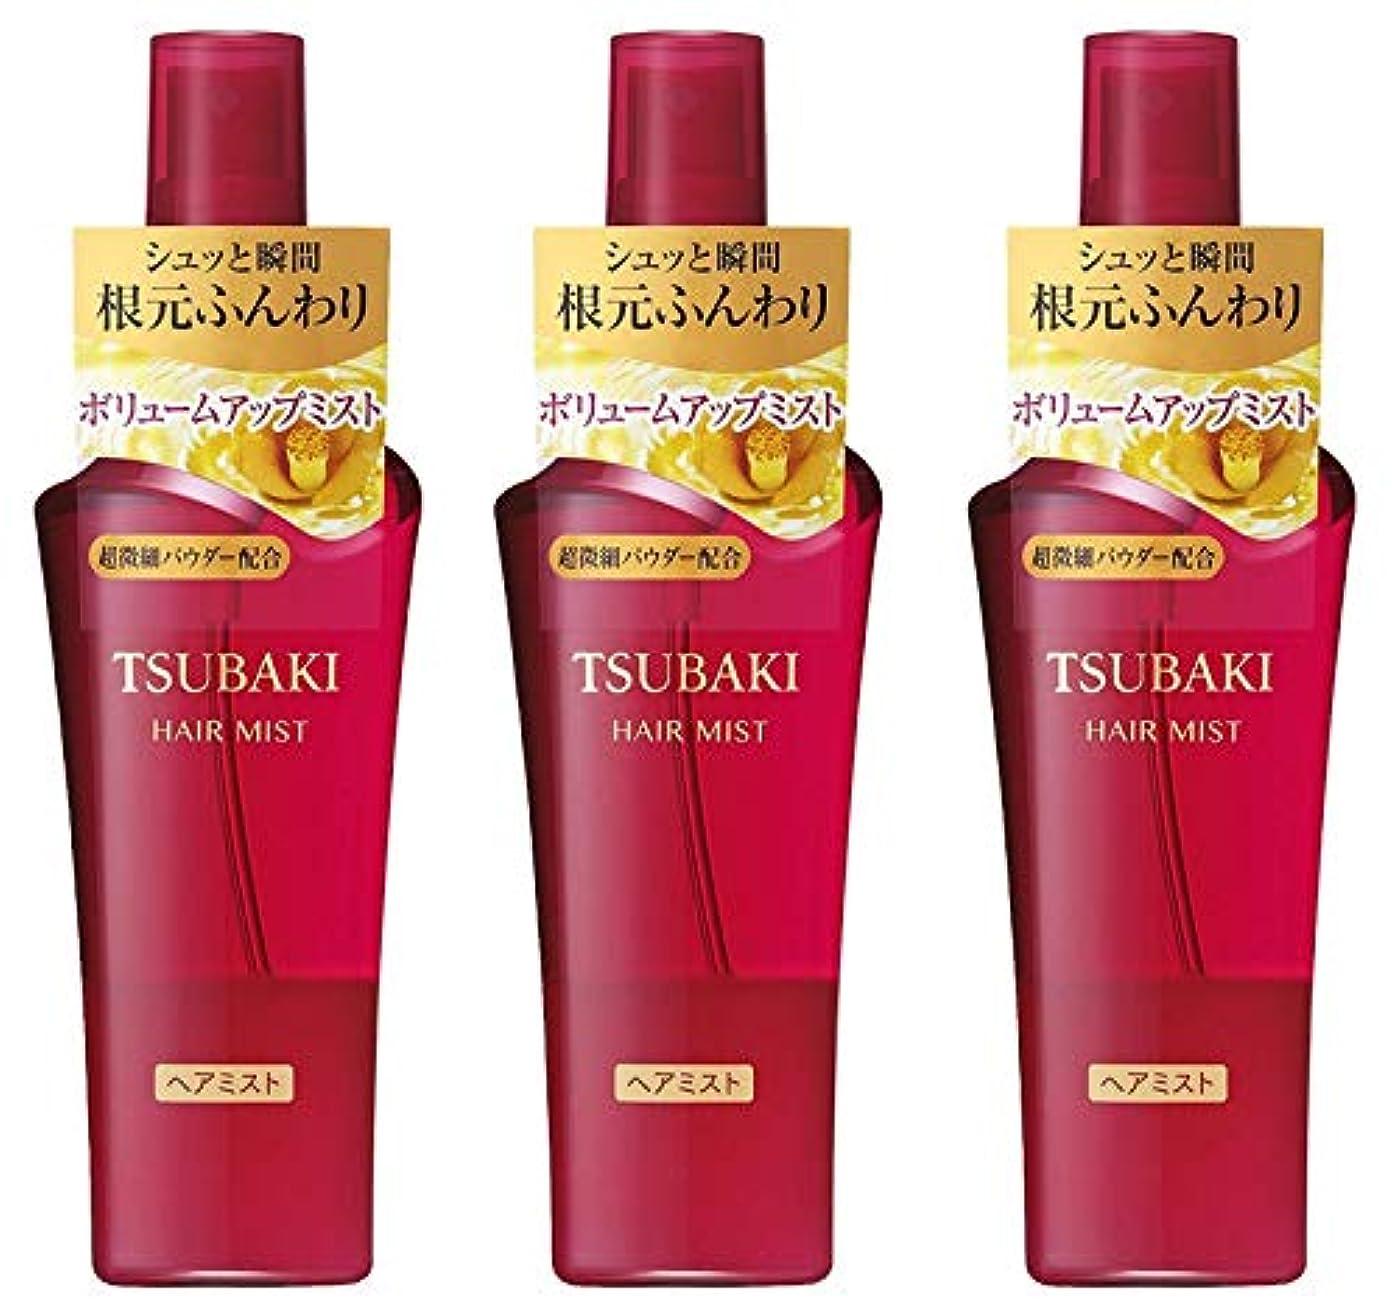 染料ジュース促進する【3個セット】TSUBAKI ボリュームアップミスト ヘアトリートメント 120ml×3個